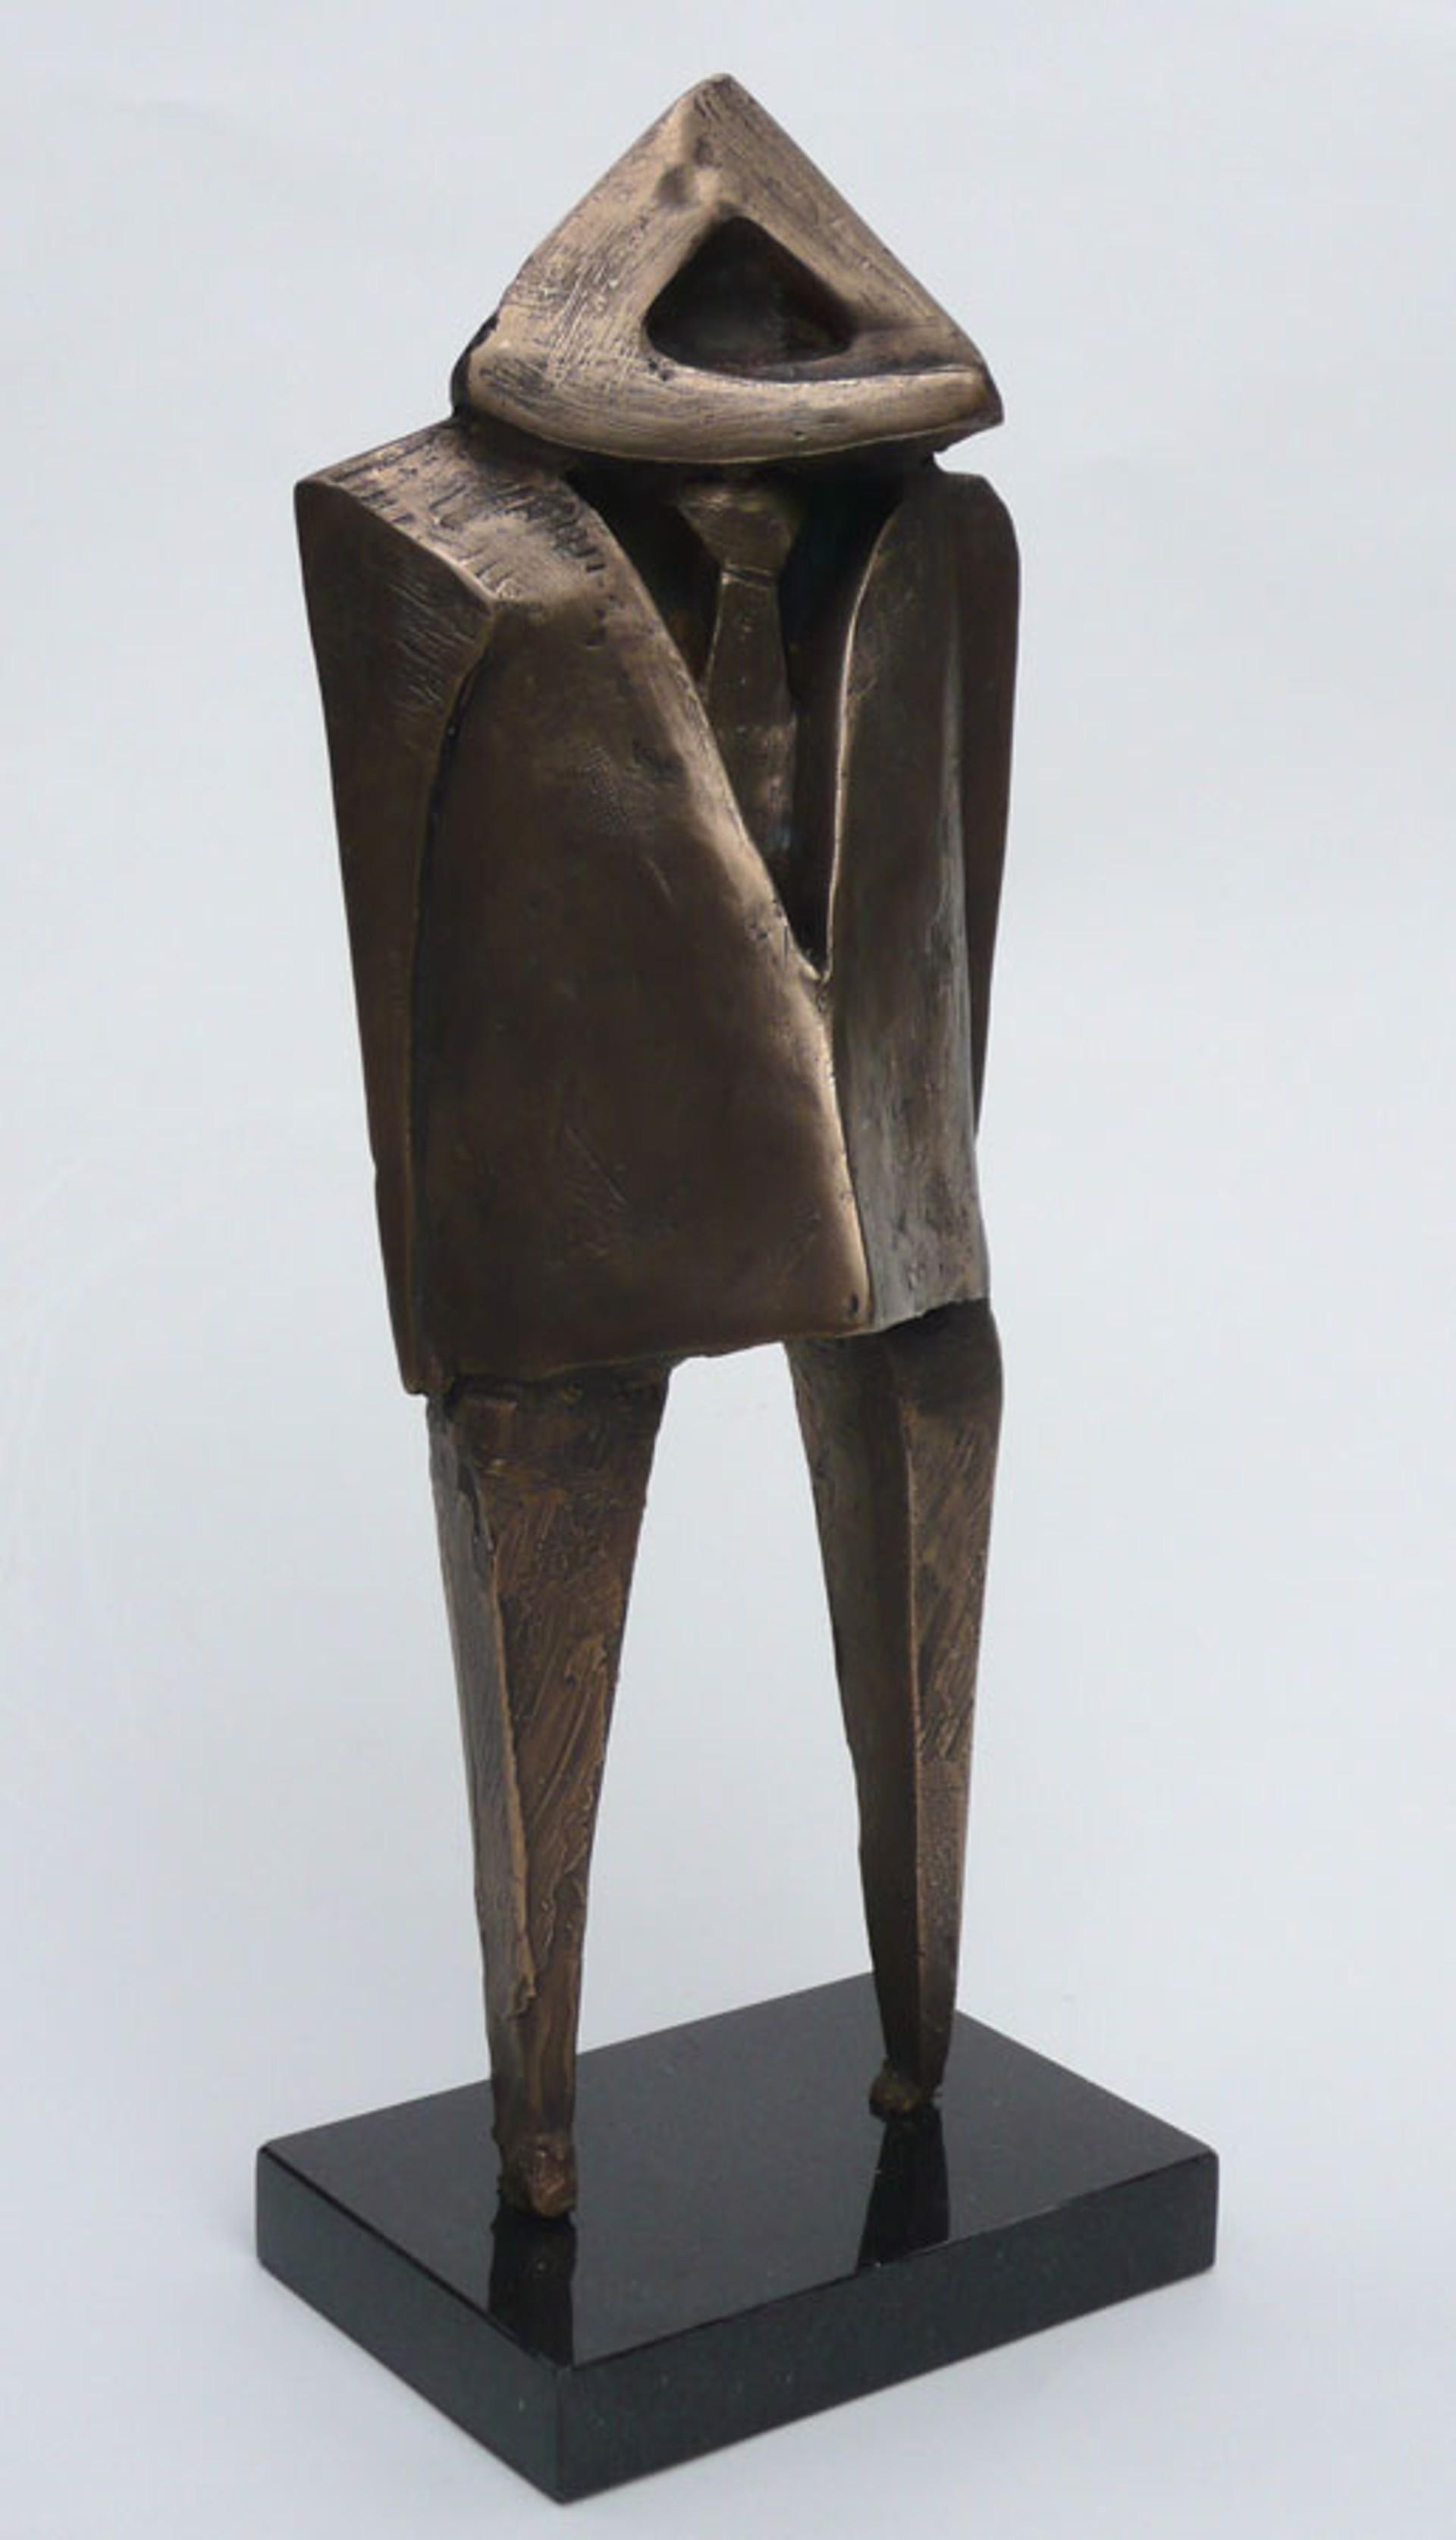 Triad by Mark Bava